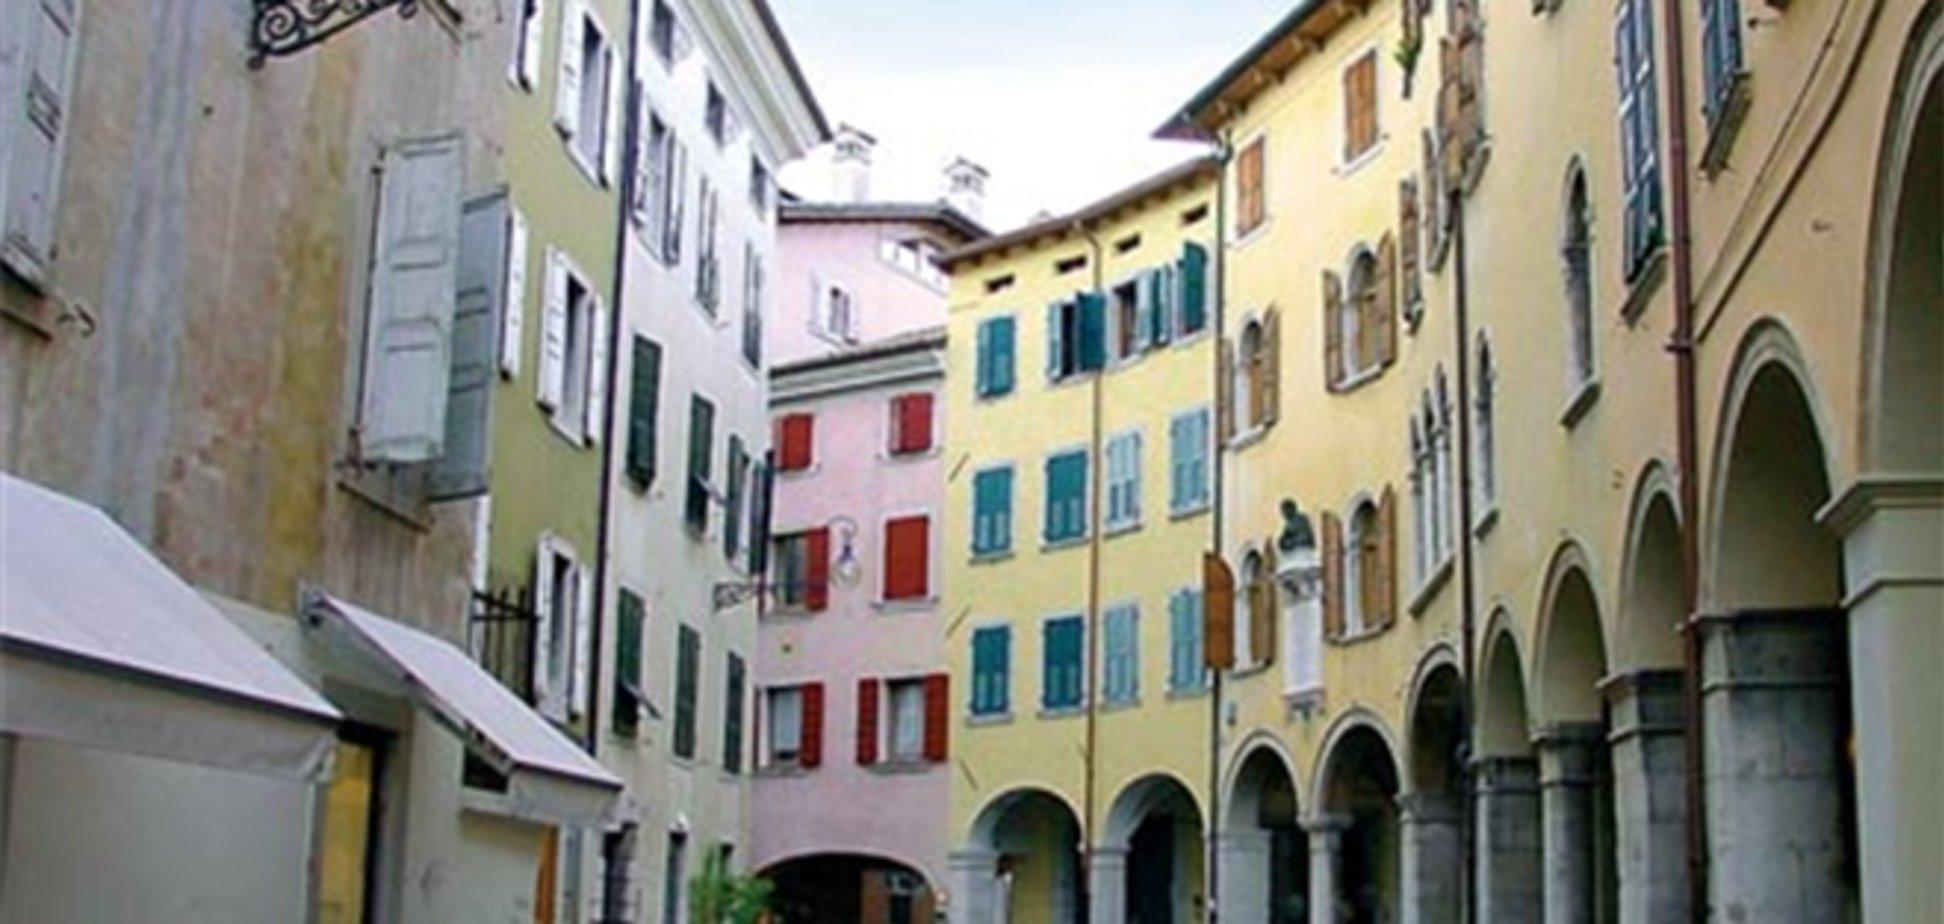 Заметки путешественника: итальянцы вечером